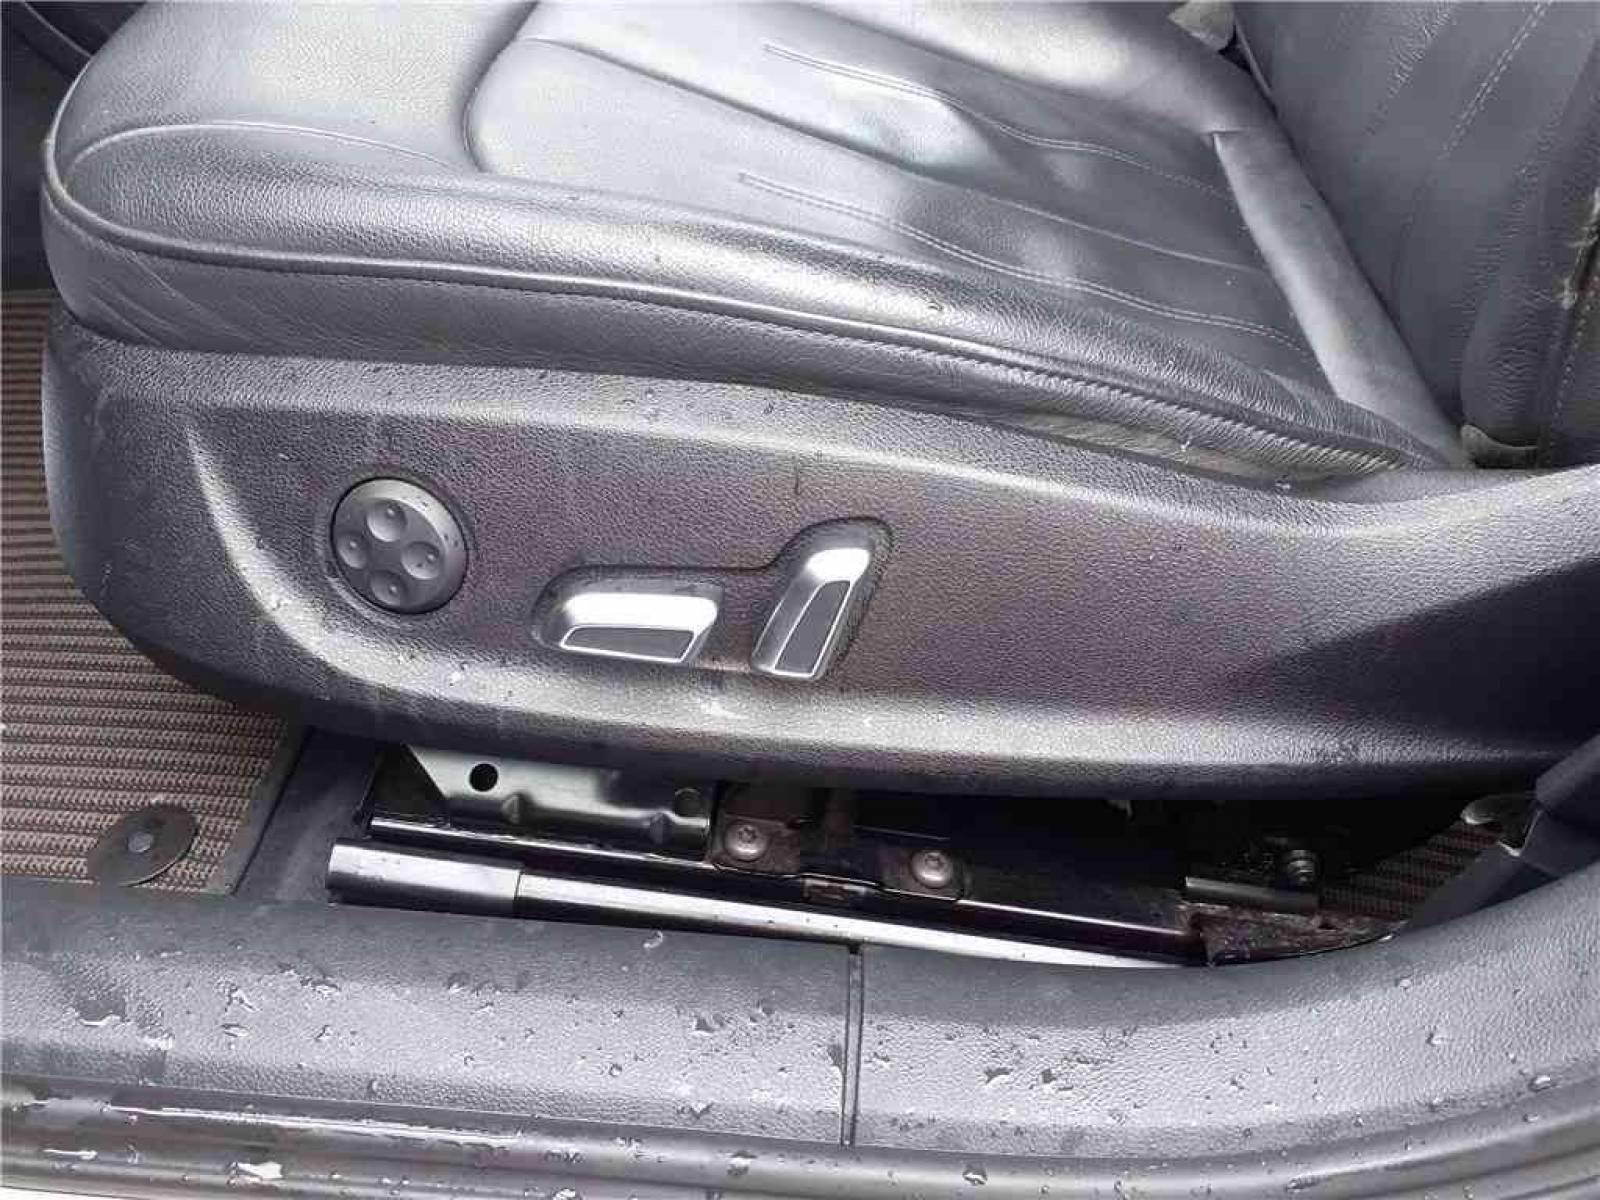 AUDI A6 Allroad Quattro V6 3.0 TDI 272 S Tronic - véhicule d'occasion - Groupe Guillet - Hall de l'automobile - Chalon sur Saône - 71380 - Saint-Marcel - 28